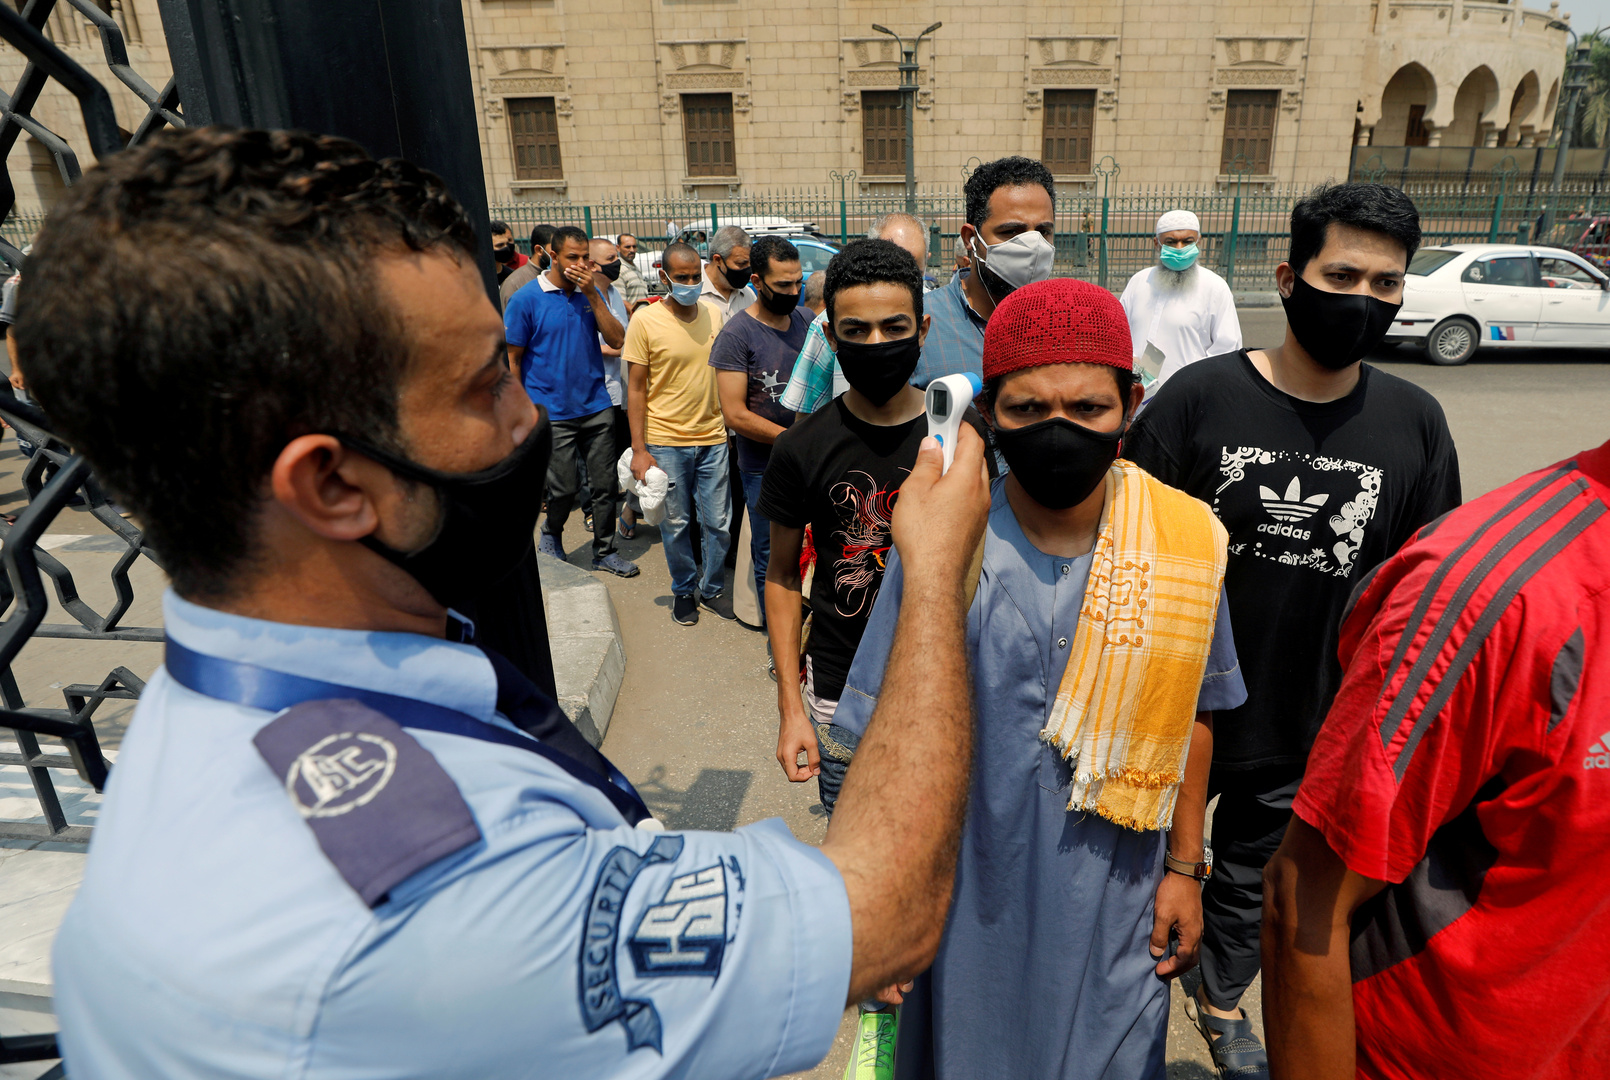 مسؤول صحي مصري: 20% من المواطنين سيحصلون على لقاح كورونا